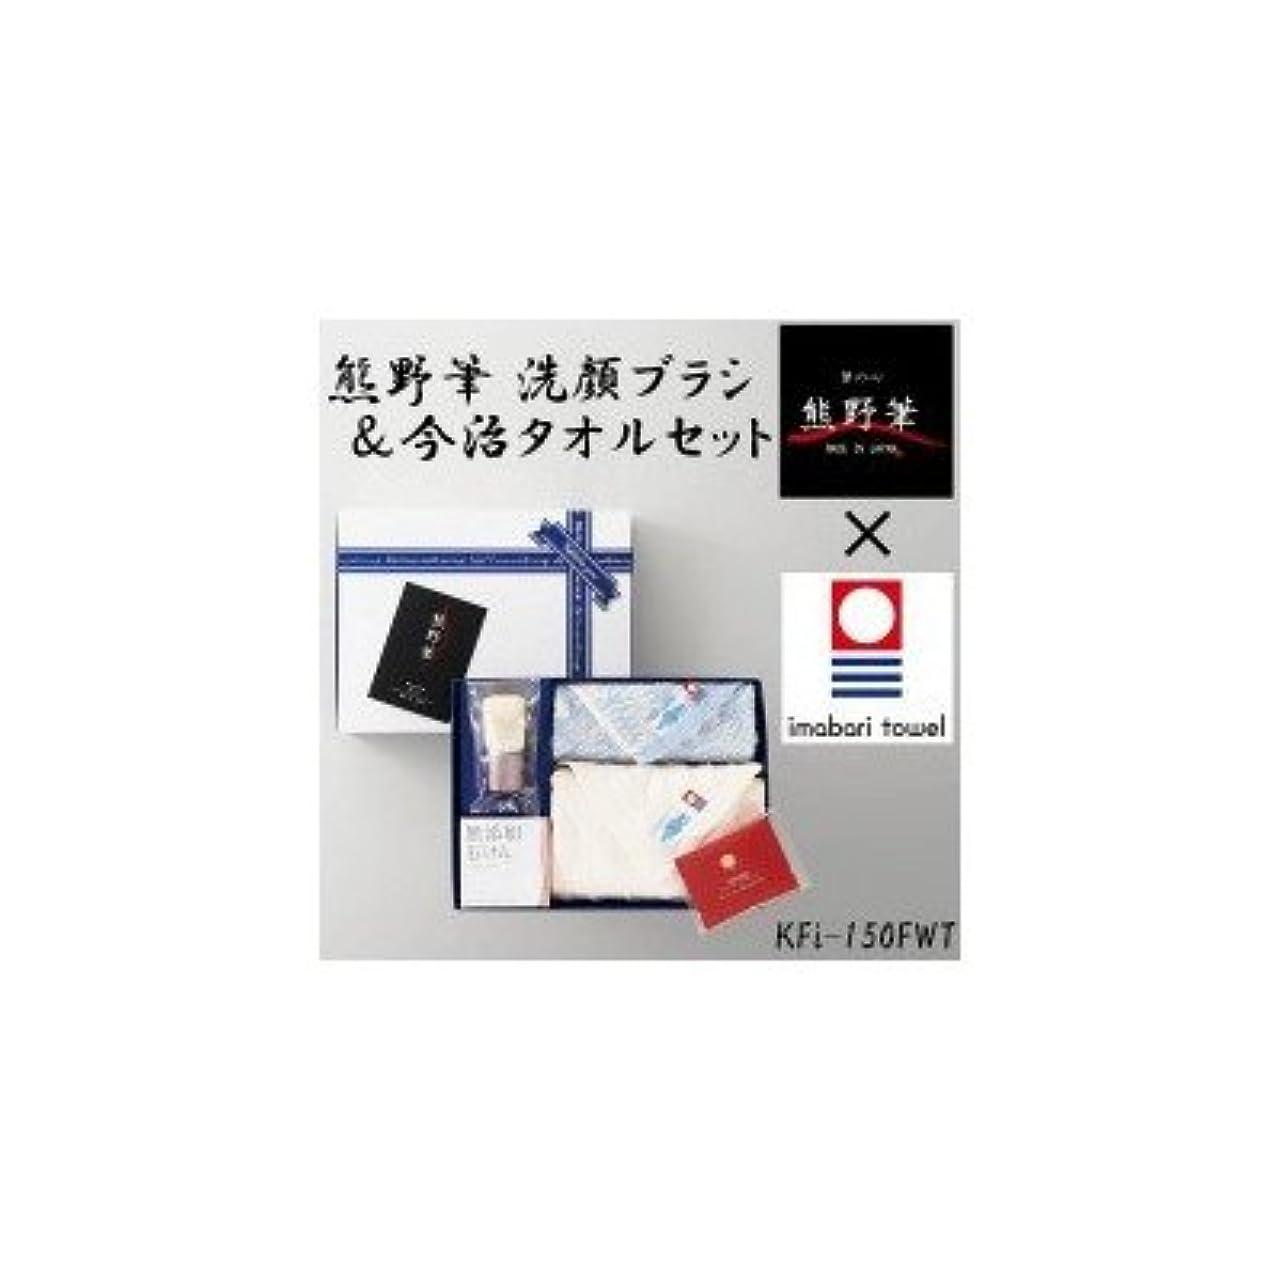 持っているプラスチック持参熊野筆と今治タオルのコラボレーション 熊野筆 洗顔ブラシ&今治タオルセット KFi-150FWT